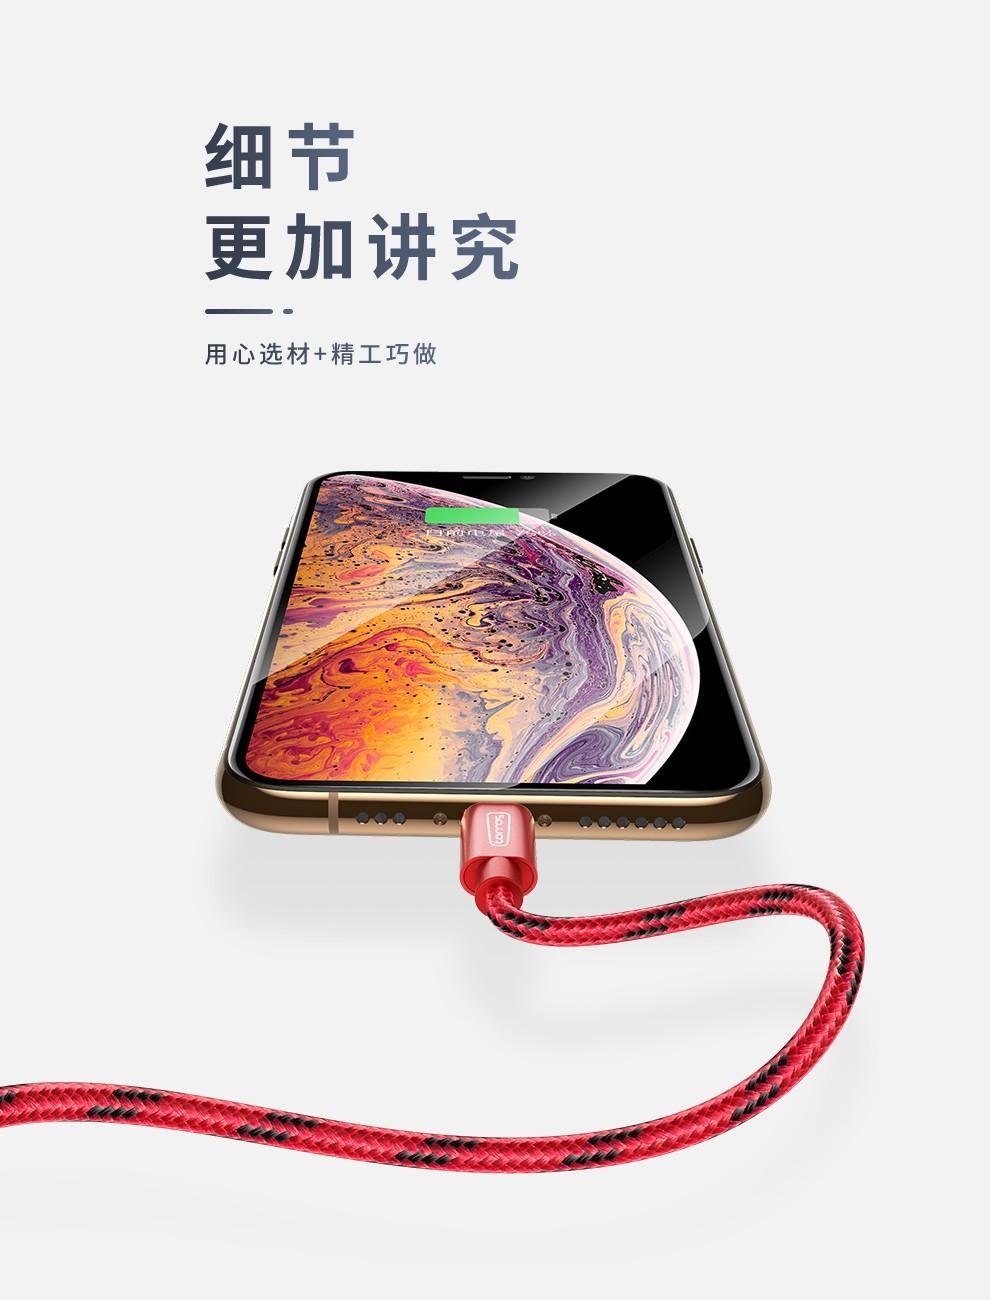 图拉斯 苹果数据线 iPhone6s/X/7plus/8手机快充充电器线Xs Max/XR电源USB 1.68m 幸运红【限量款|金猪赐福】图拉斯原装